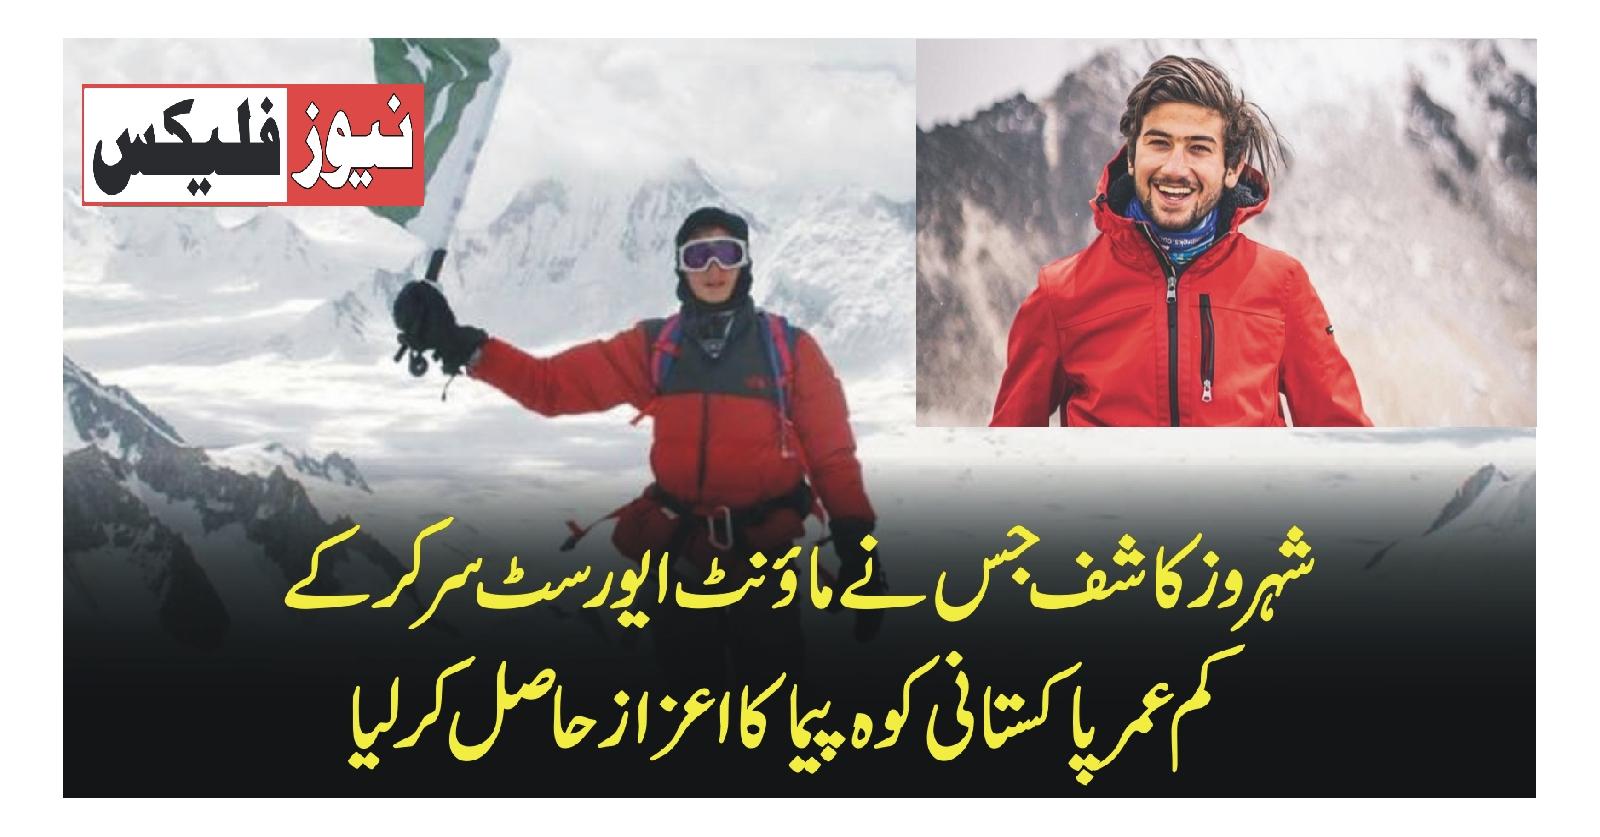 پاکستان کے شہروز کاشف نے ماؤنٹ ایورسٹ پر قوی پر چم لہرادیا